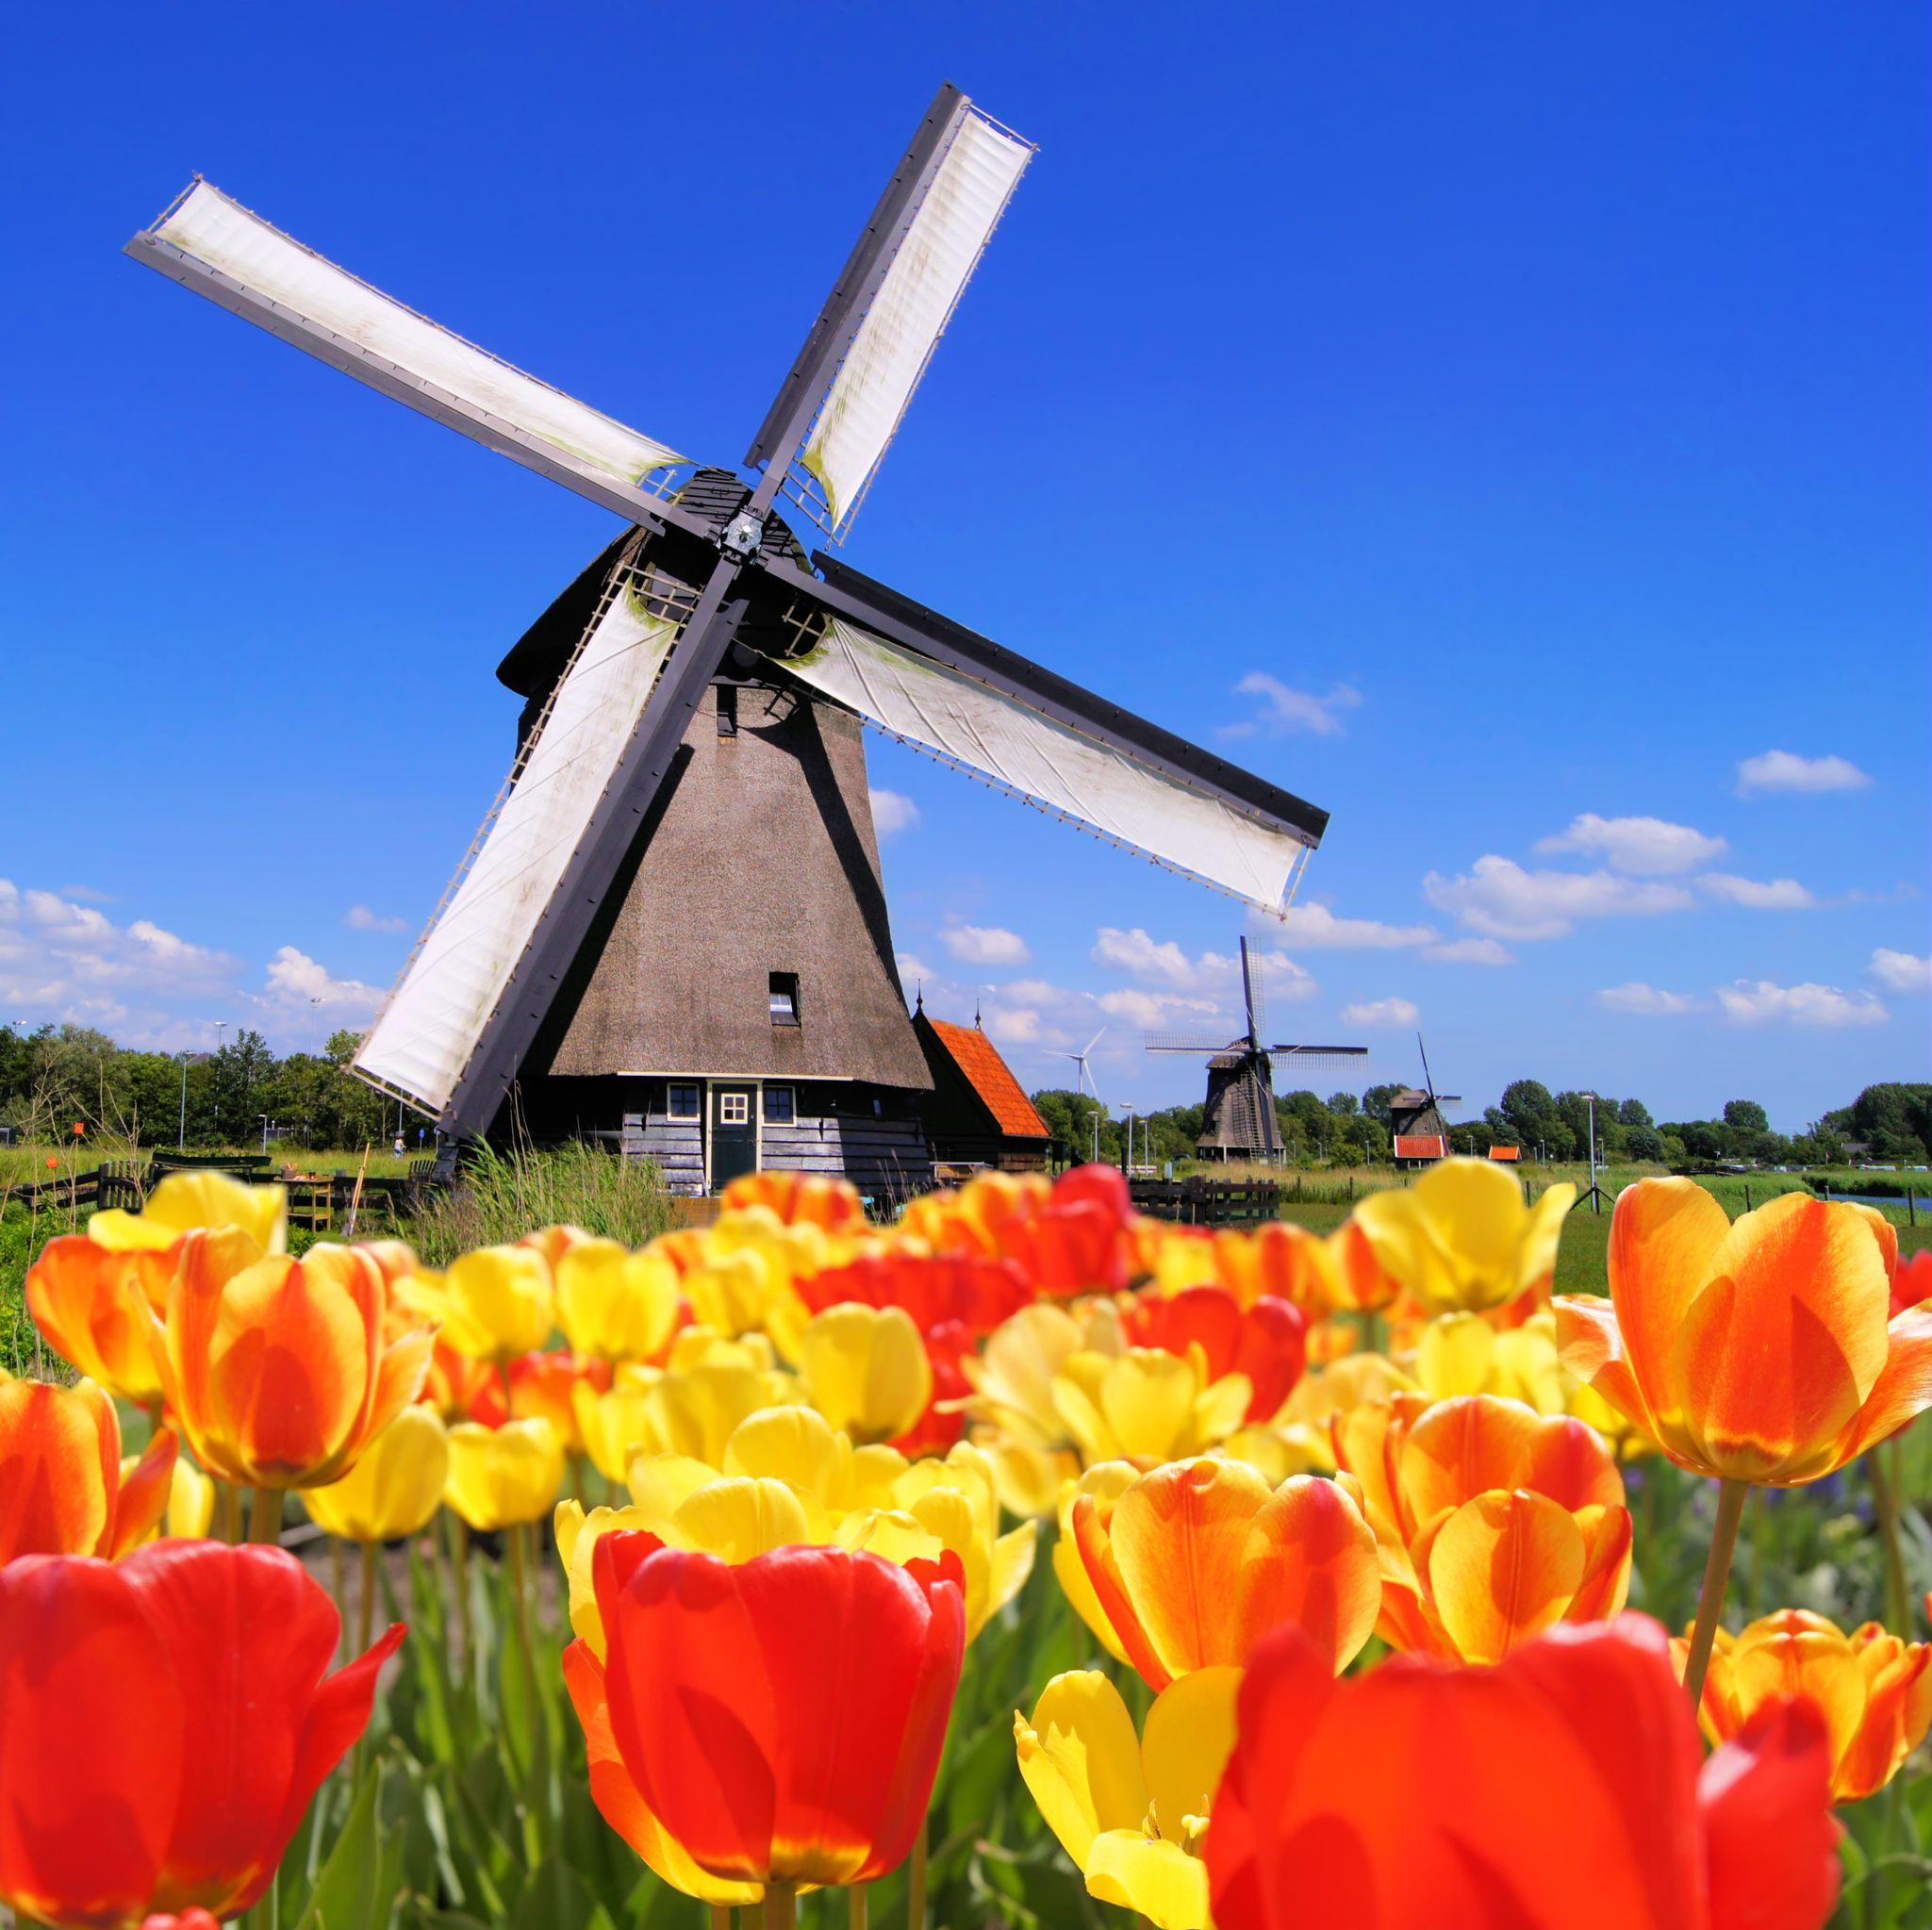 דירה בהולנד בפחות ממיליון שקלים עם תשואה של לפחות 5%, מי לא רוצה?